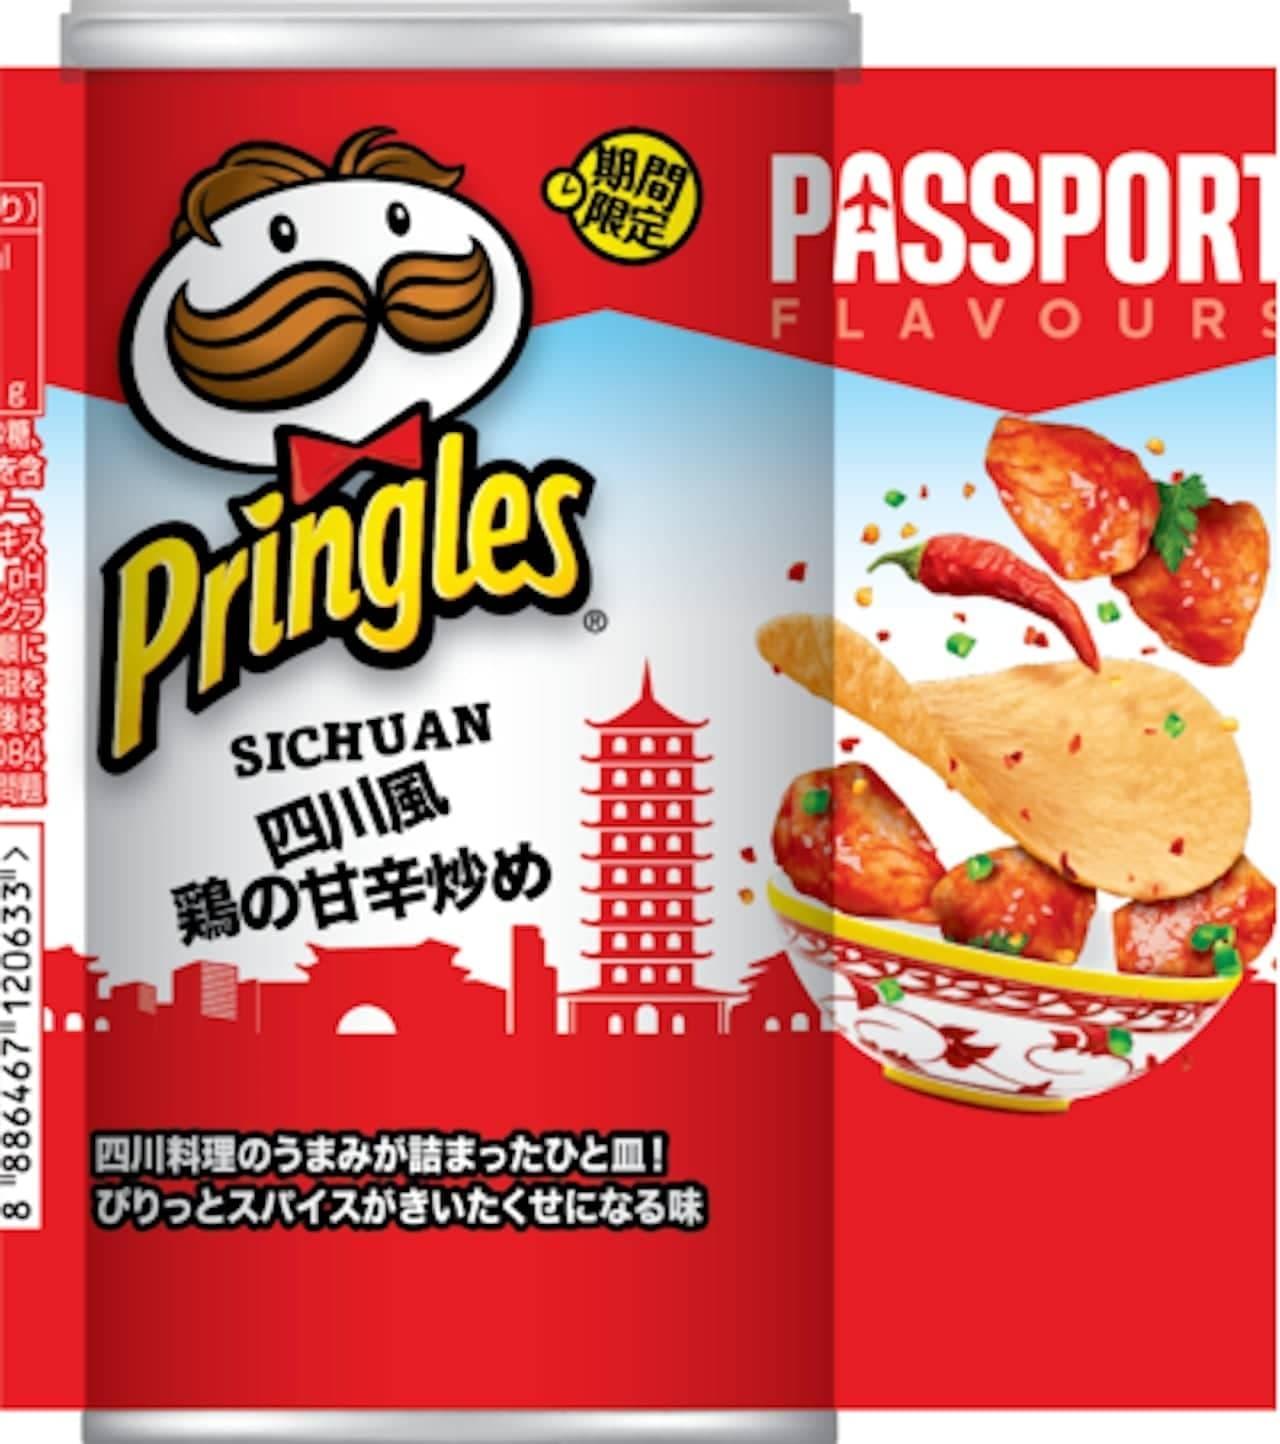 パスポートフレーバーズ「プリングルズ SICHUAN 四川風 鶏の甘辛炒め」